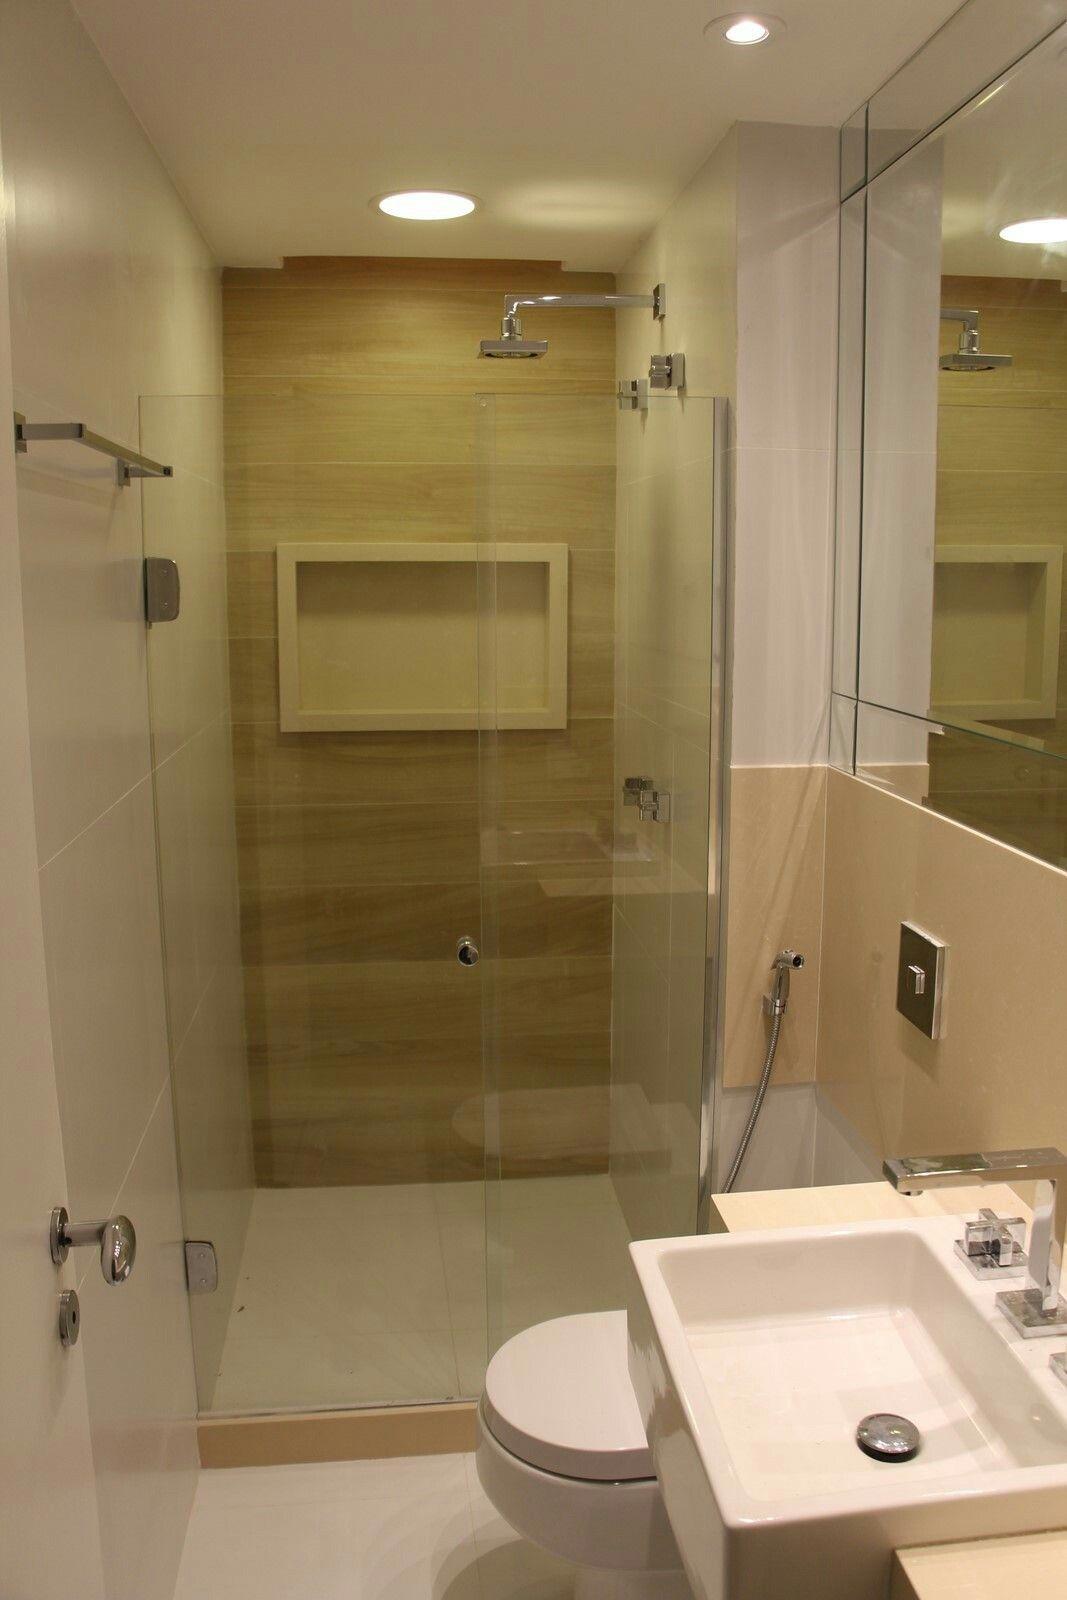 Pin De Hind Moubarik Em Salle De Bain Banheiros Modernos